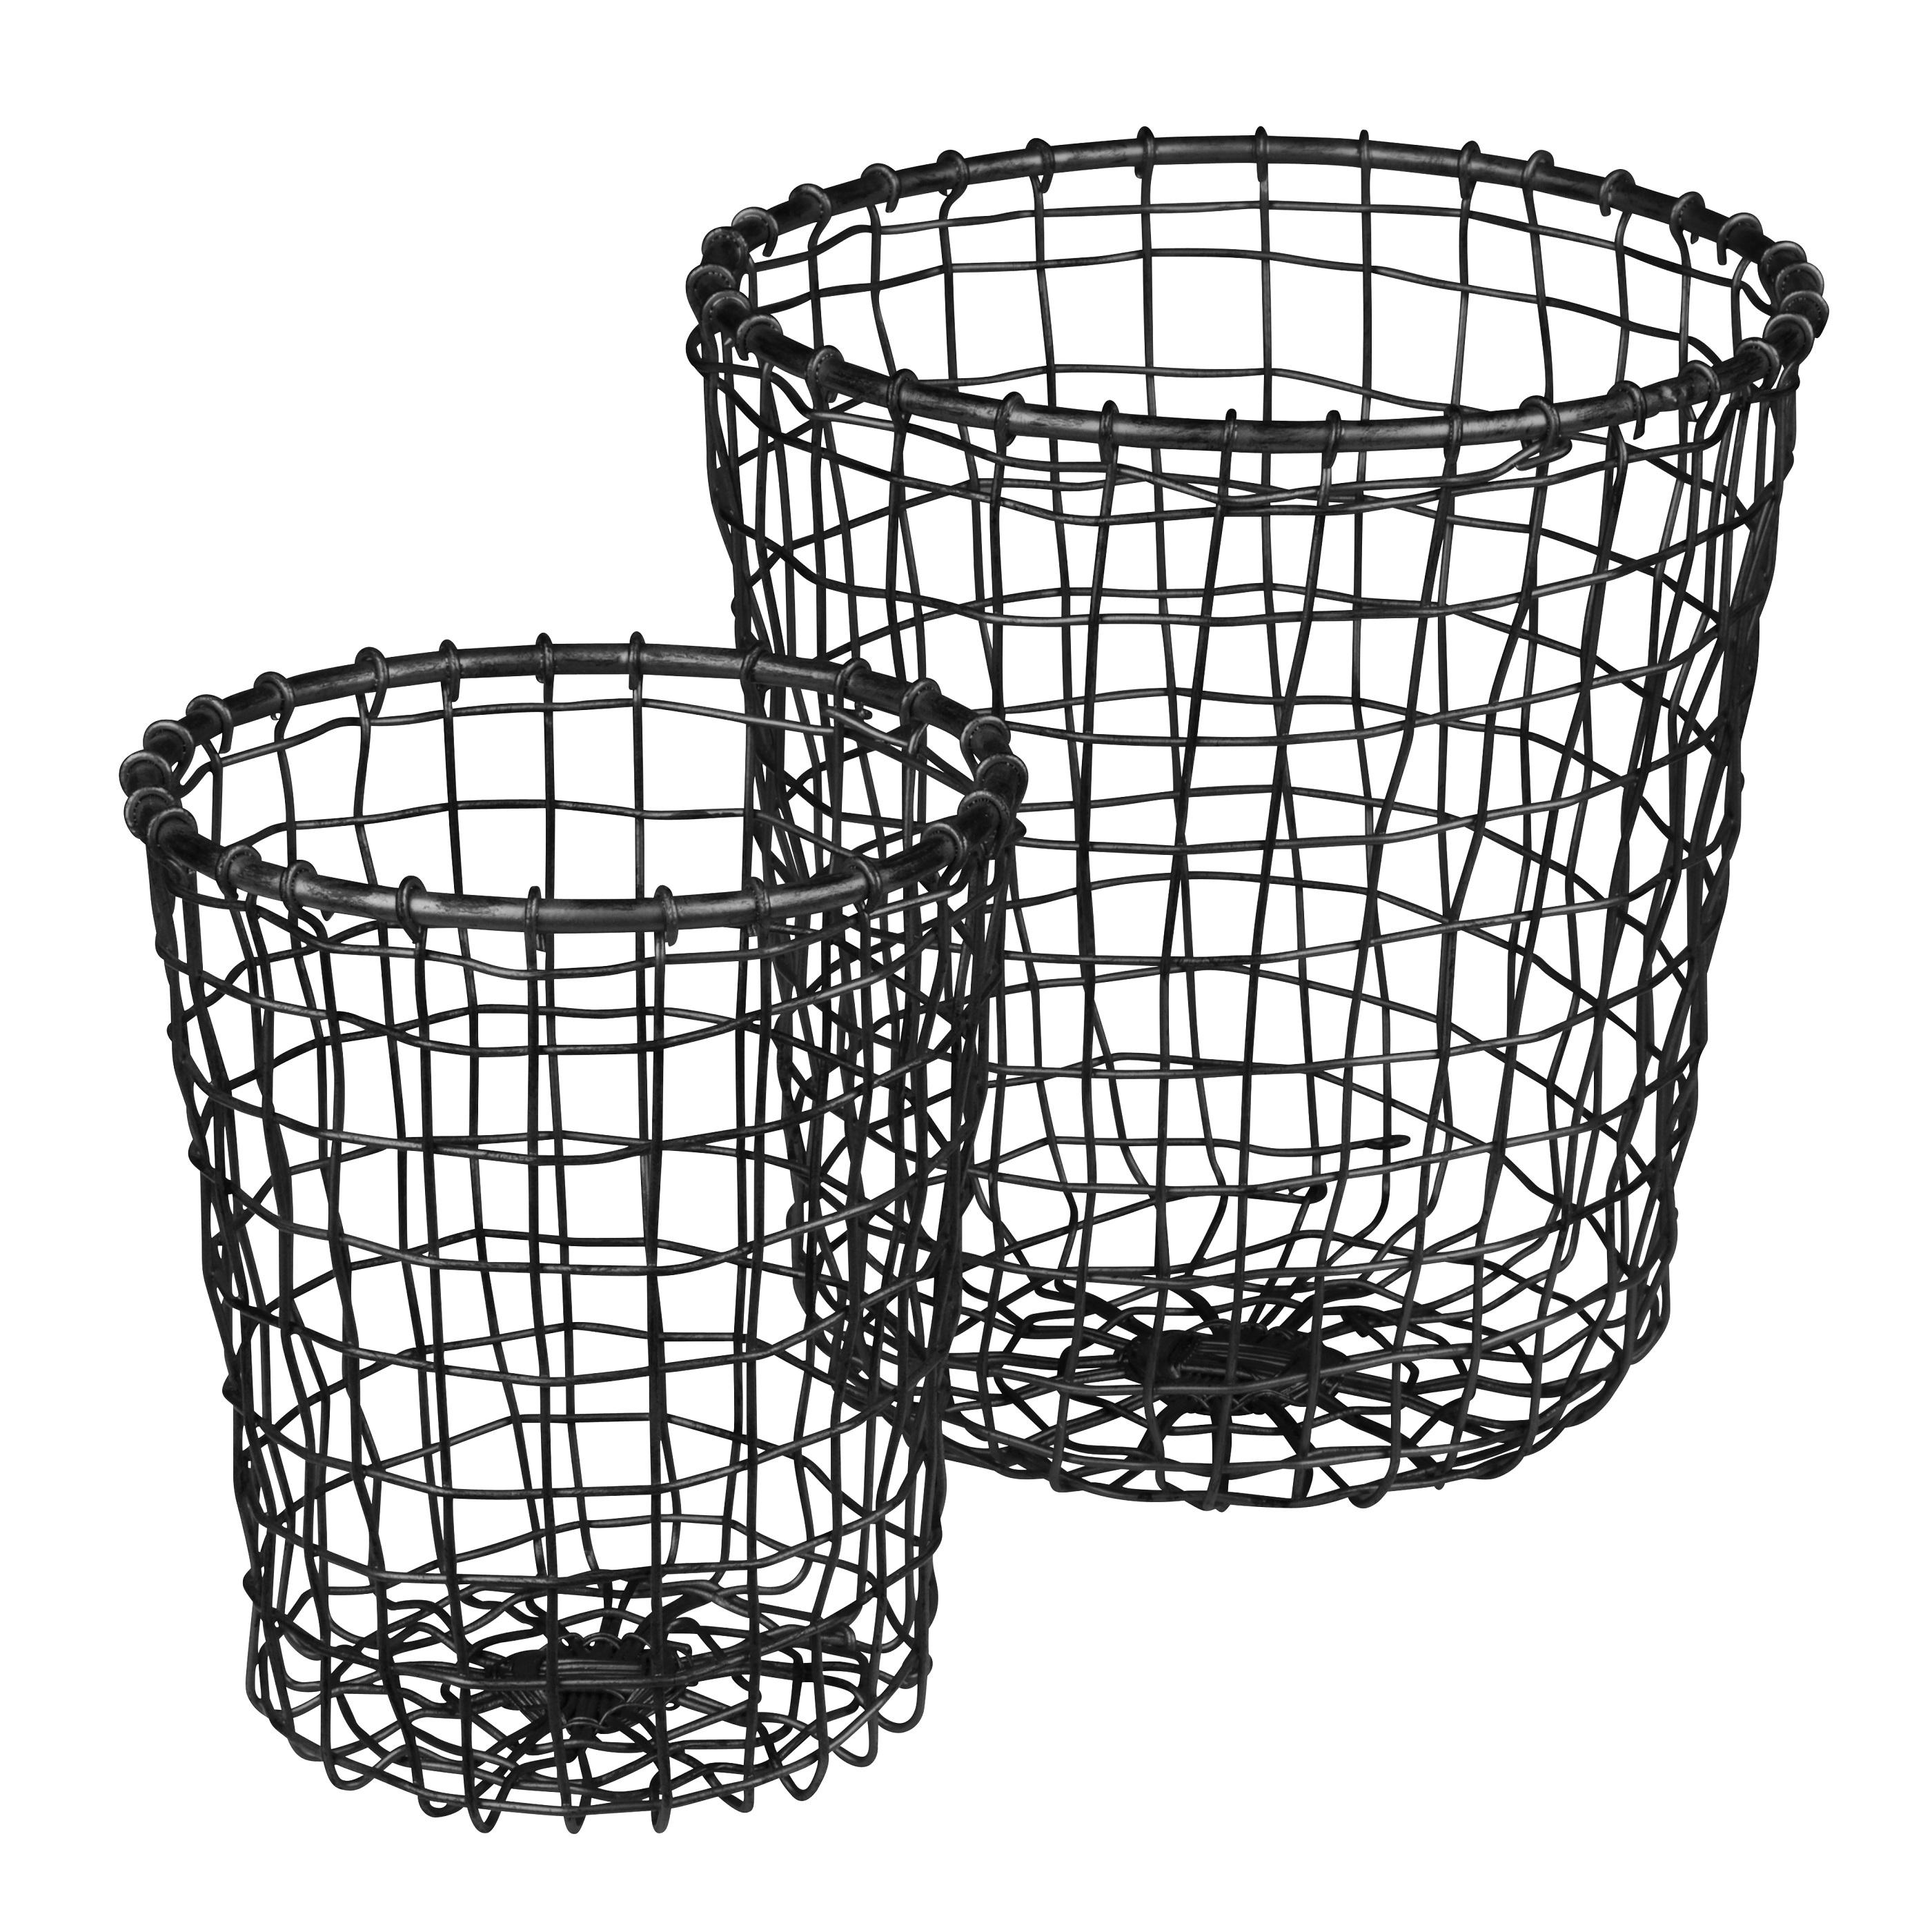 Eightmood Rustic Black Wire Storage Basket Set 7340128022052 | eBay